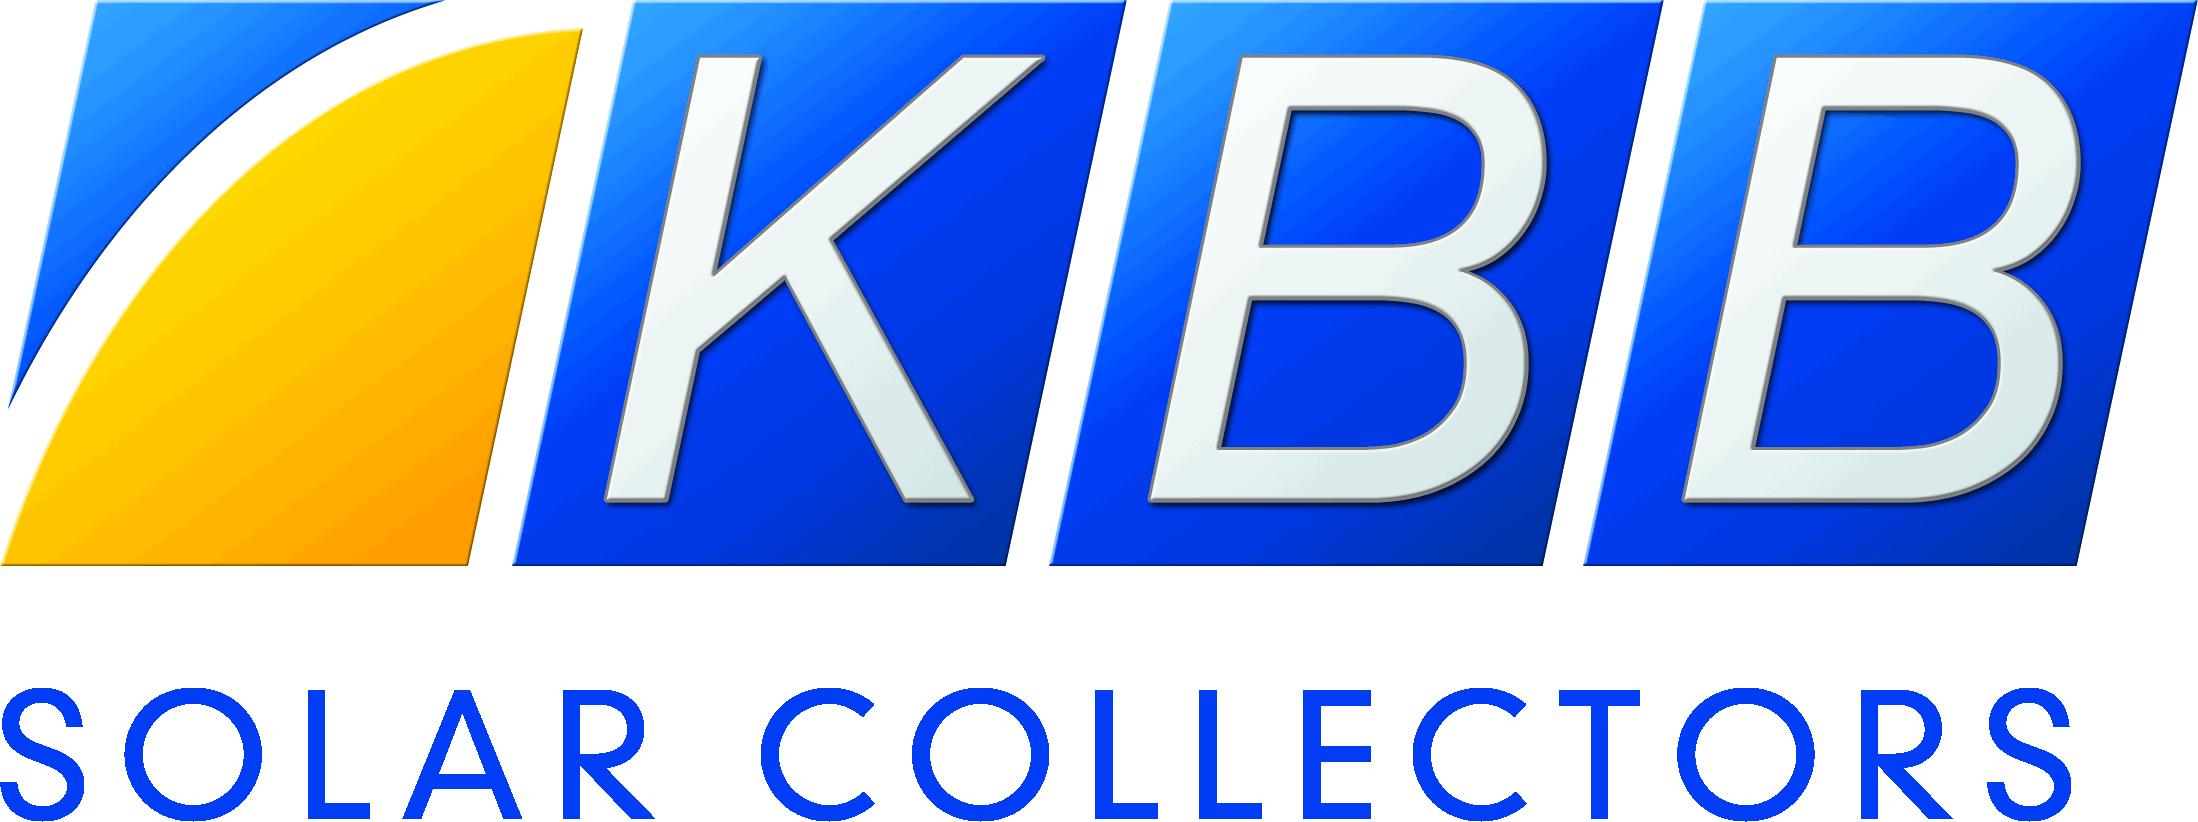 KBB Solar Collectors